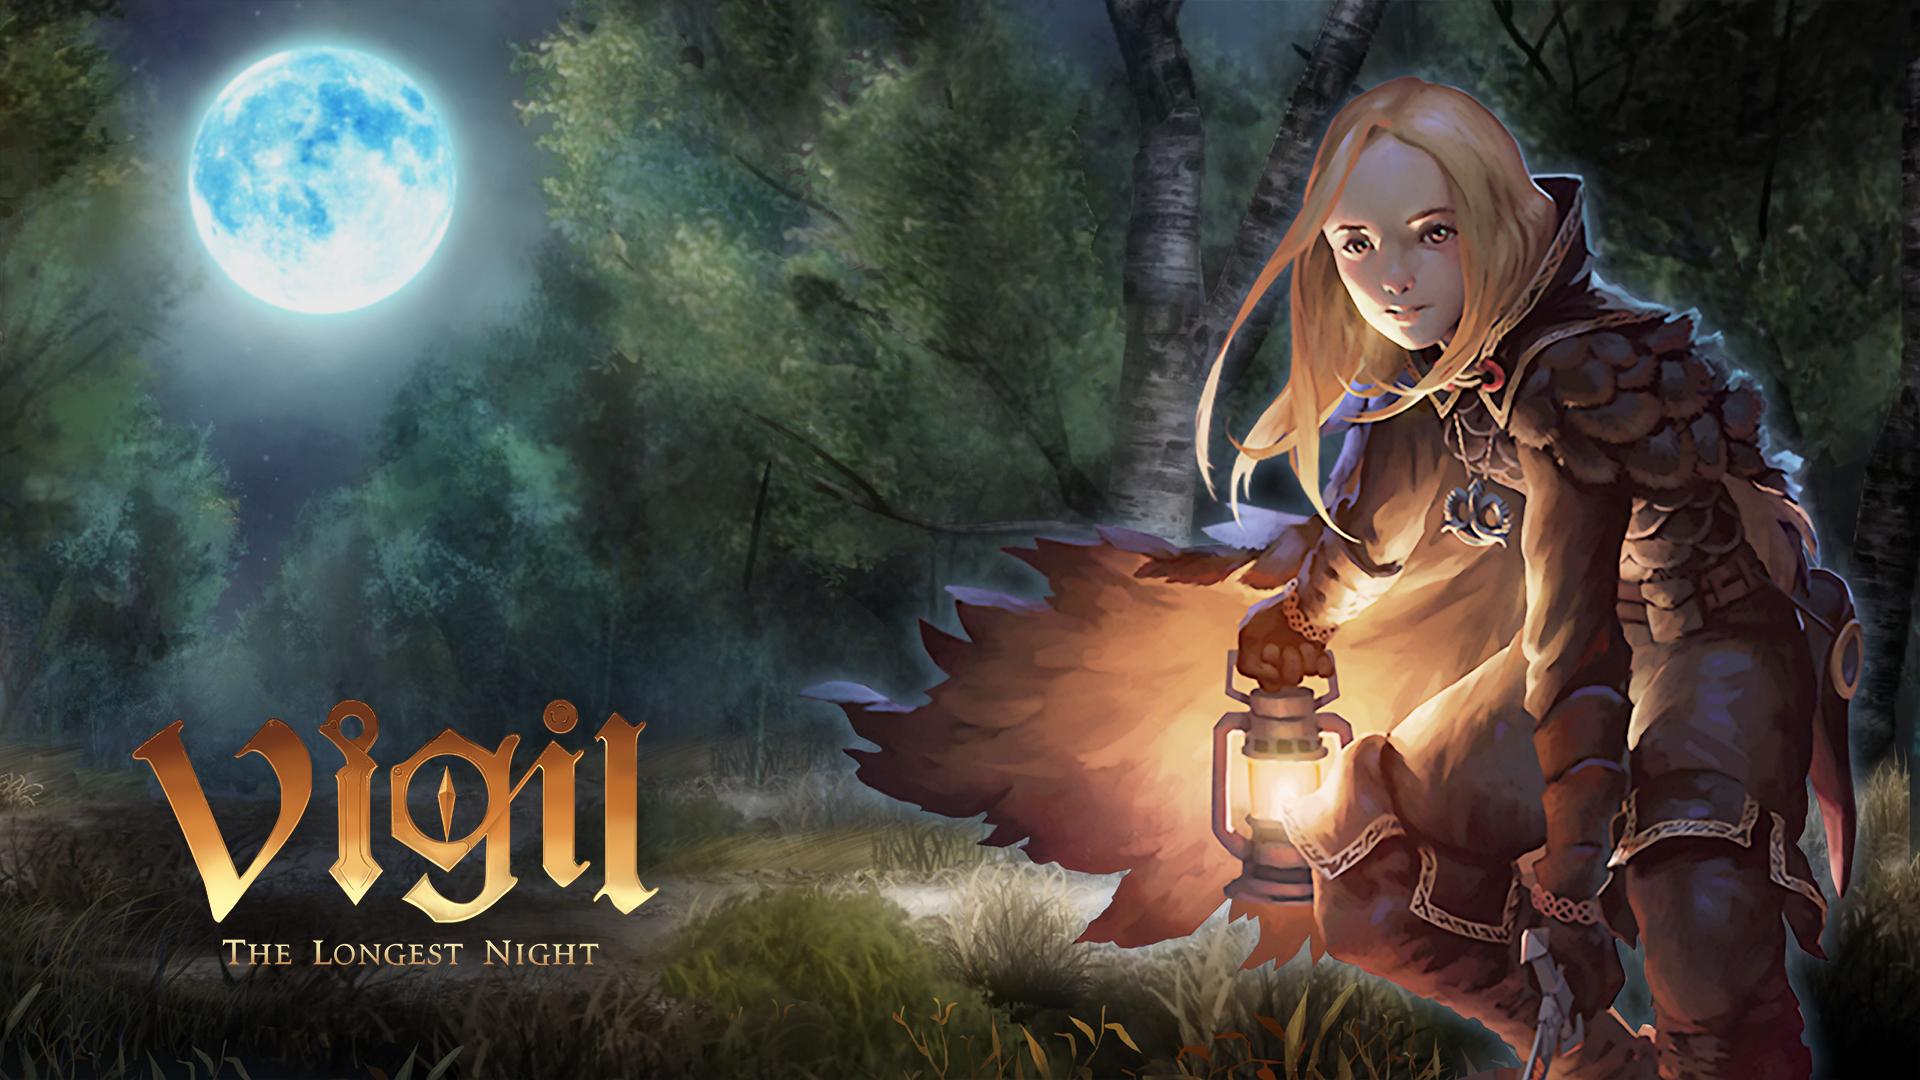 Vigil: The Longest Night Lança Hoje na Steam e Switch com todos os textos em Português